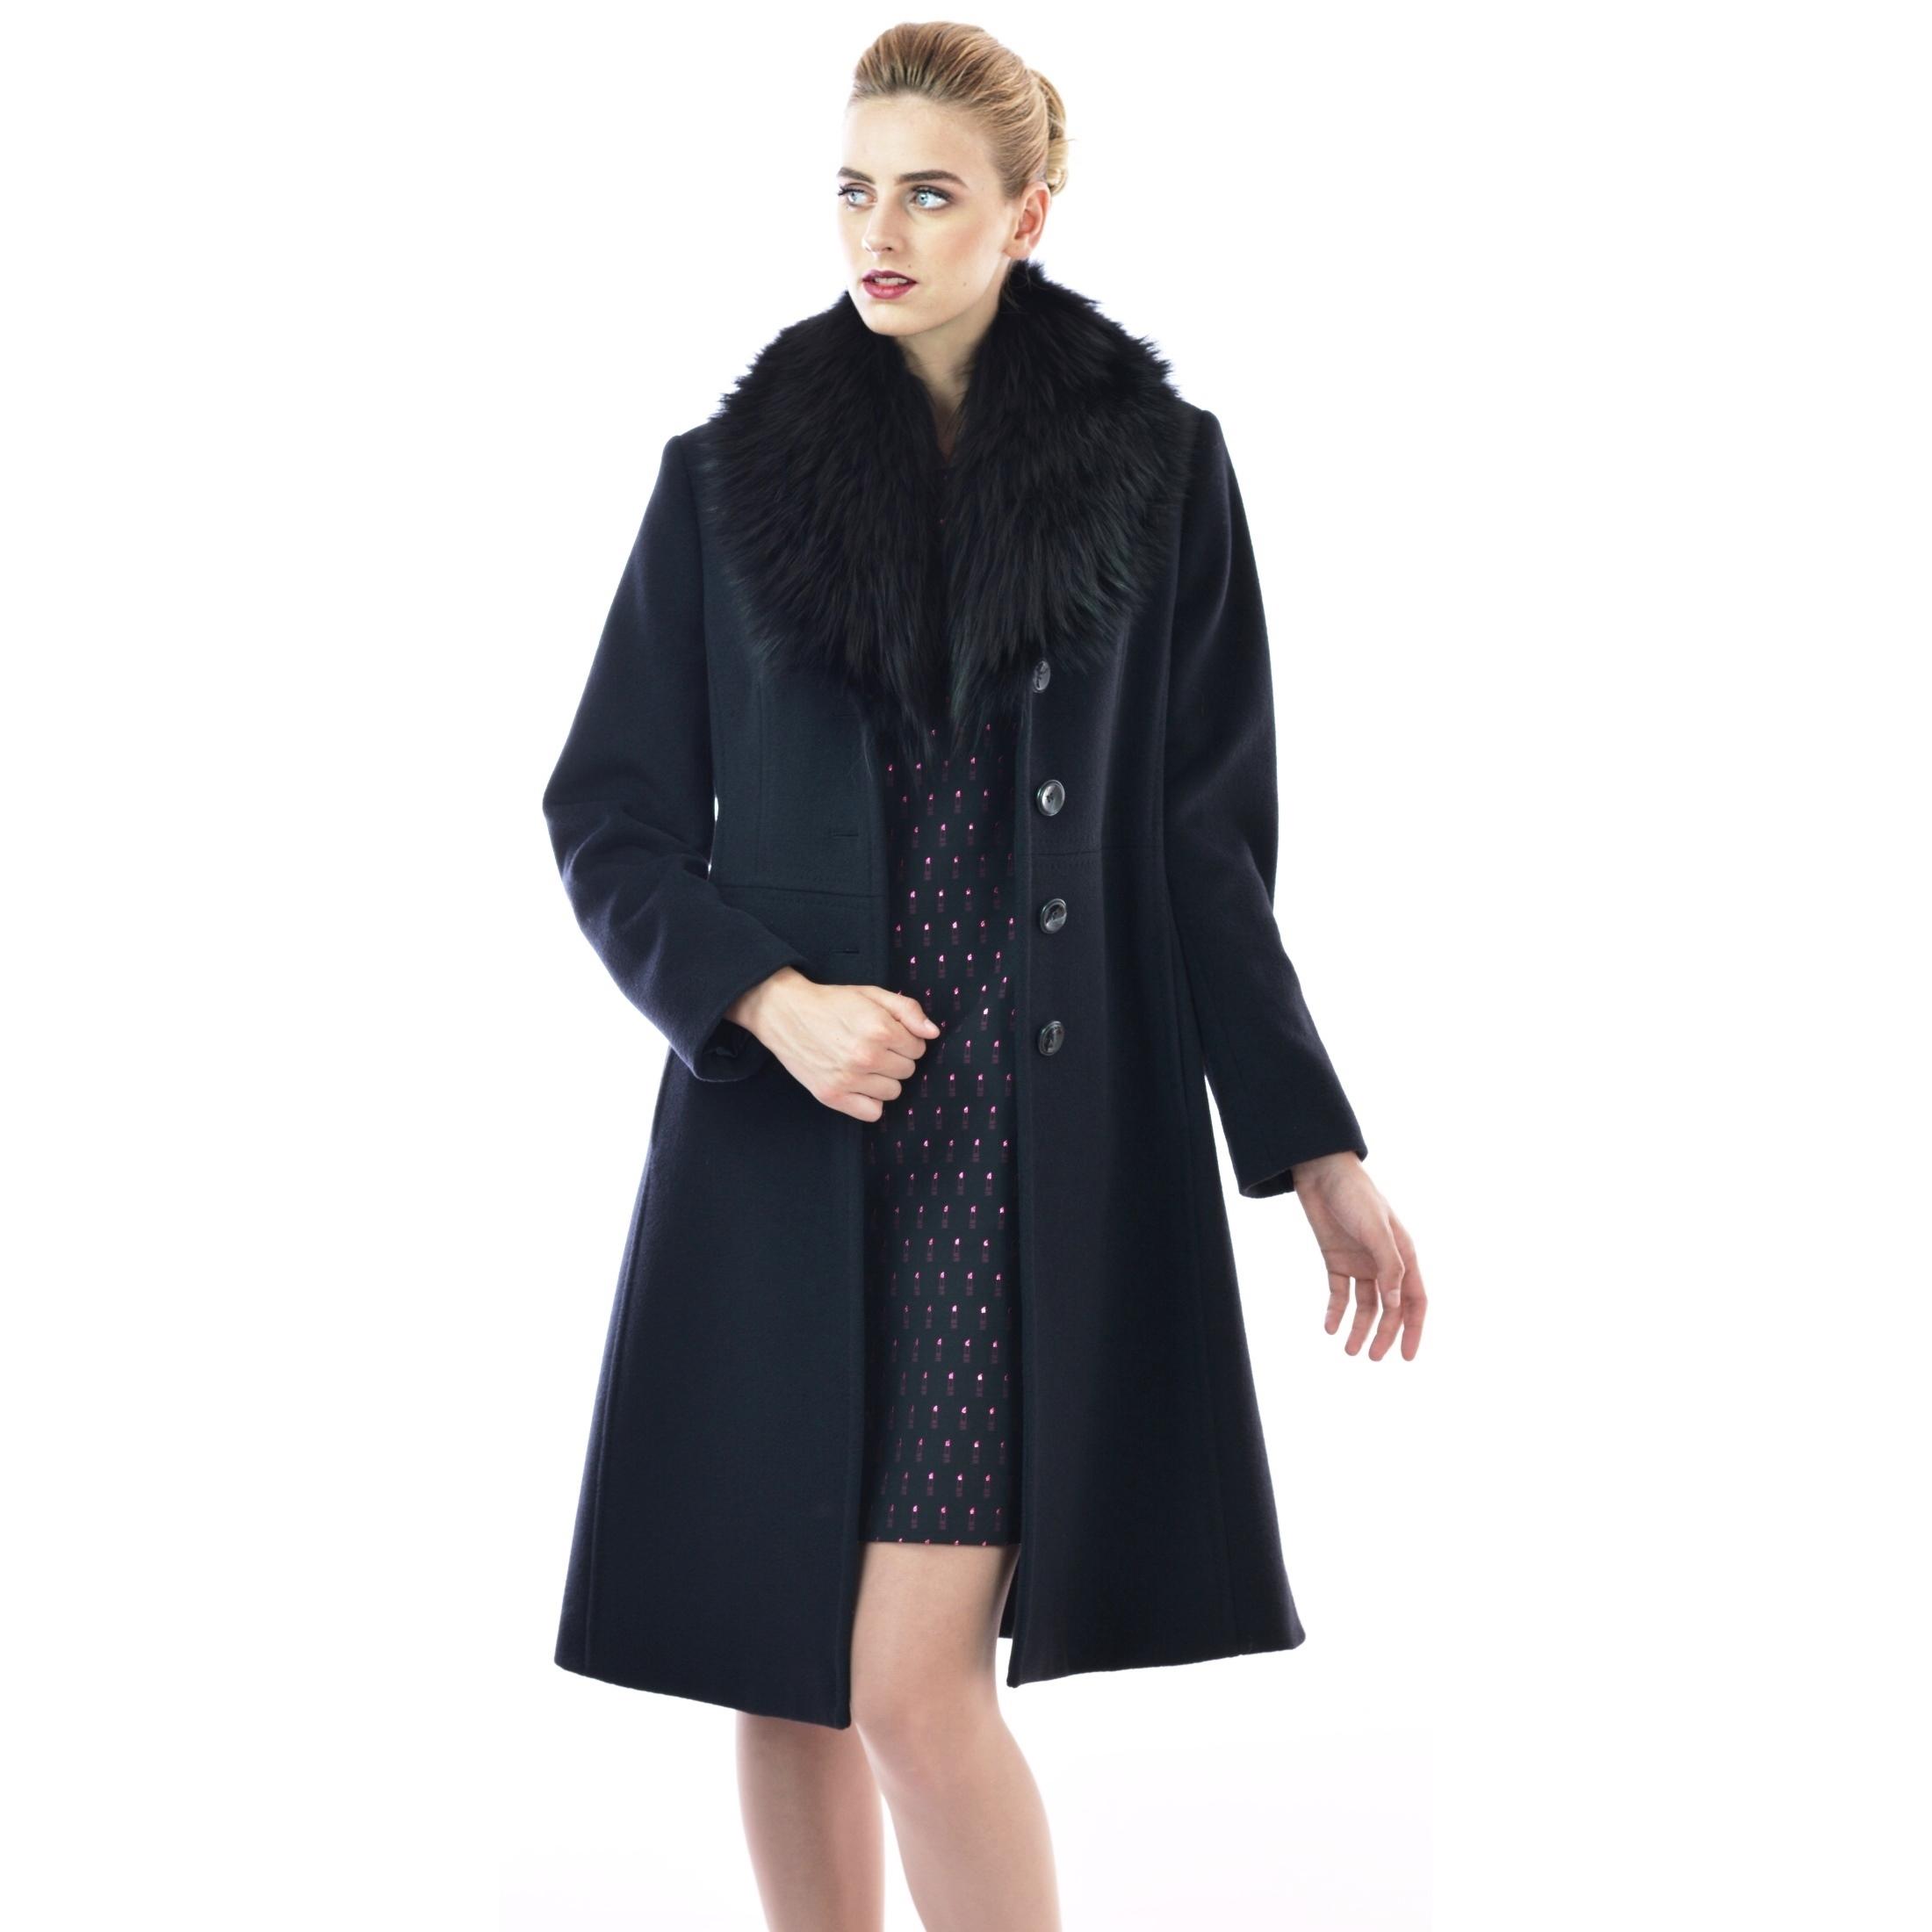 black coat with natural fur